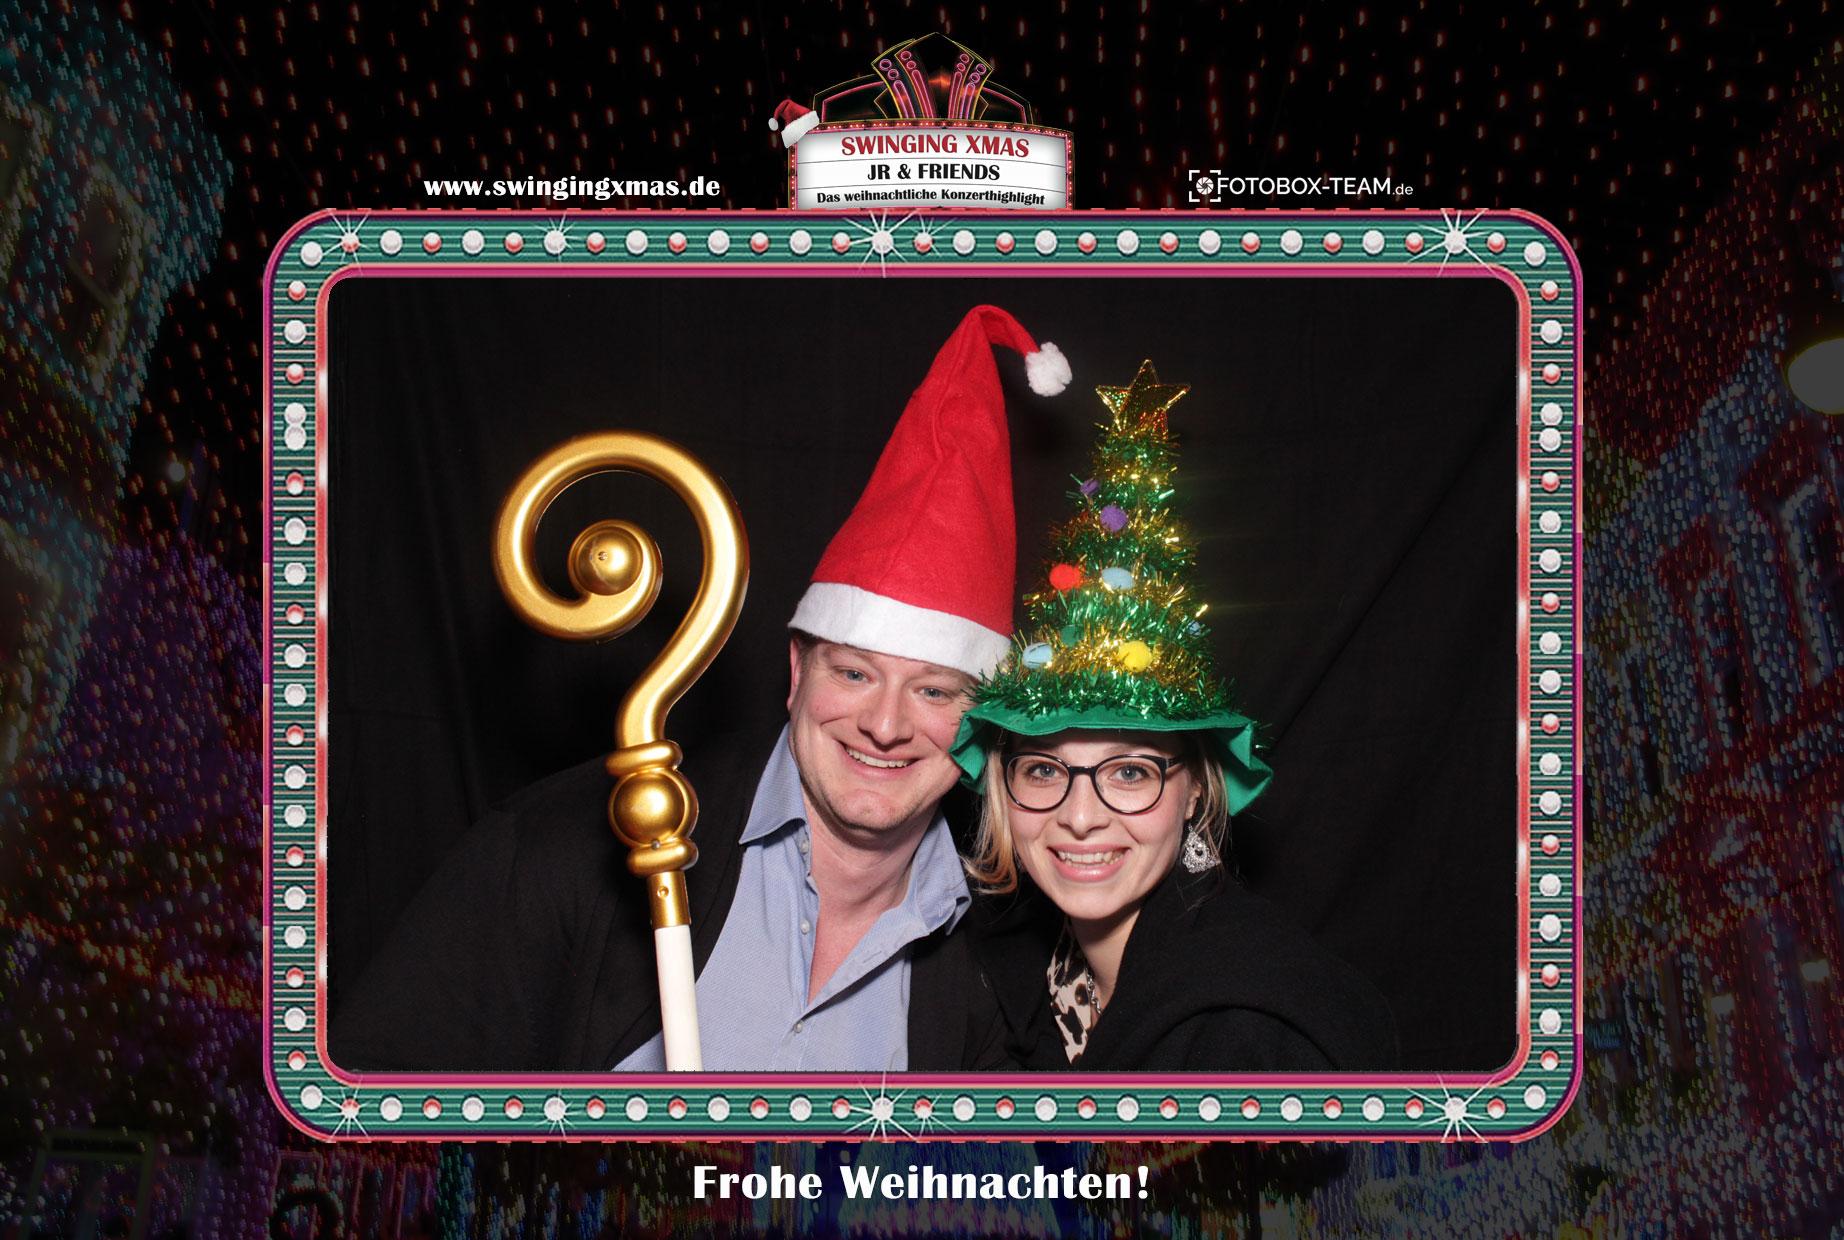 weihnachtsfeier-drucklayout-fotobox